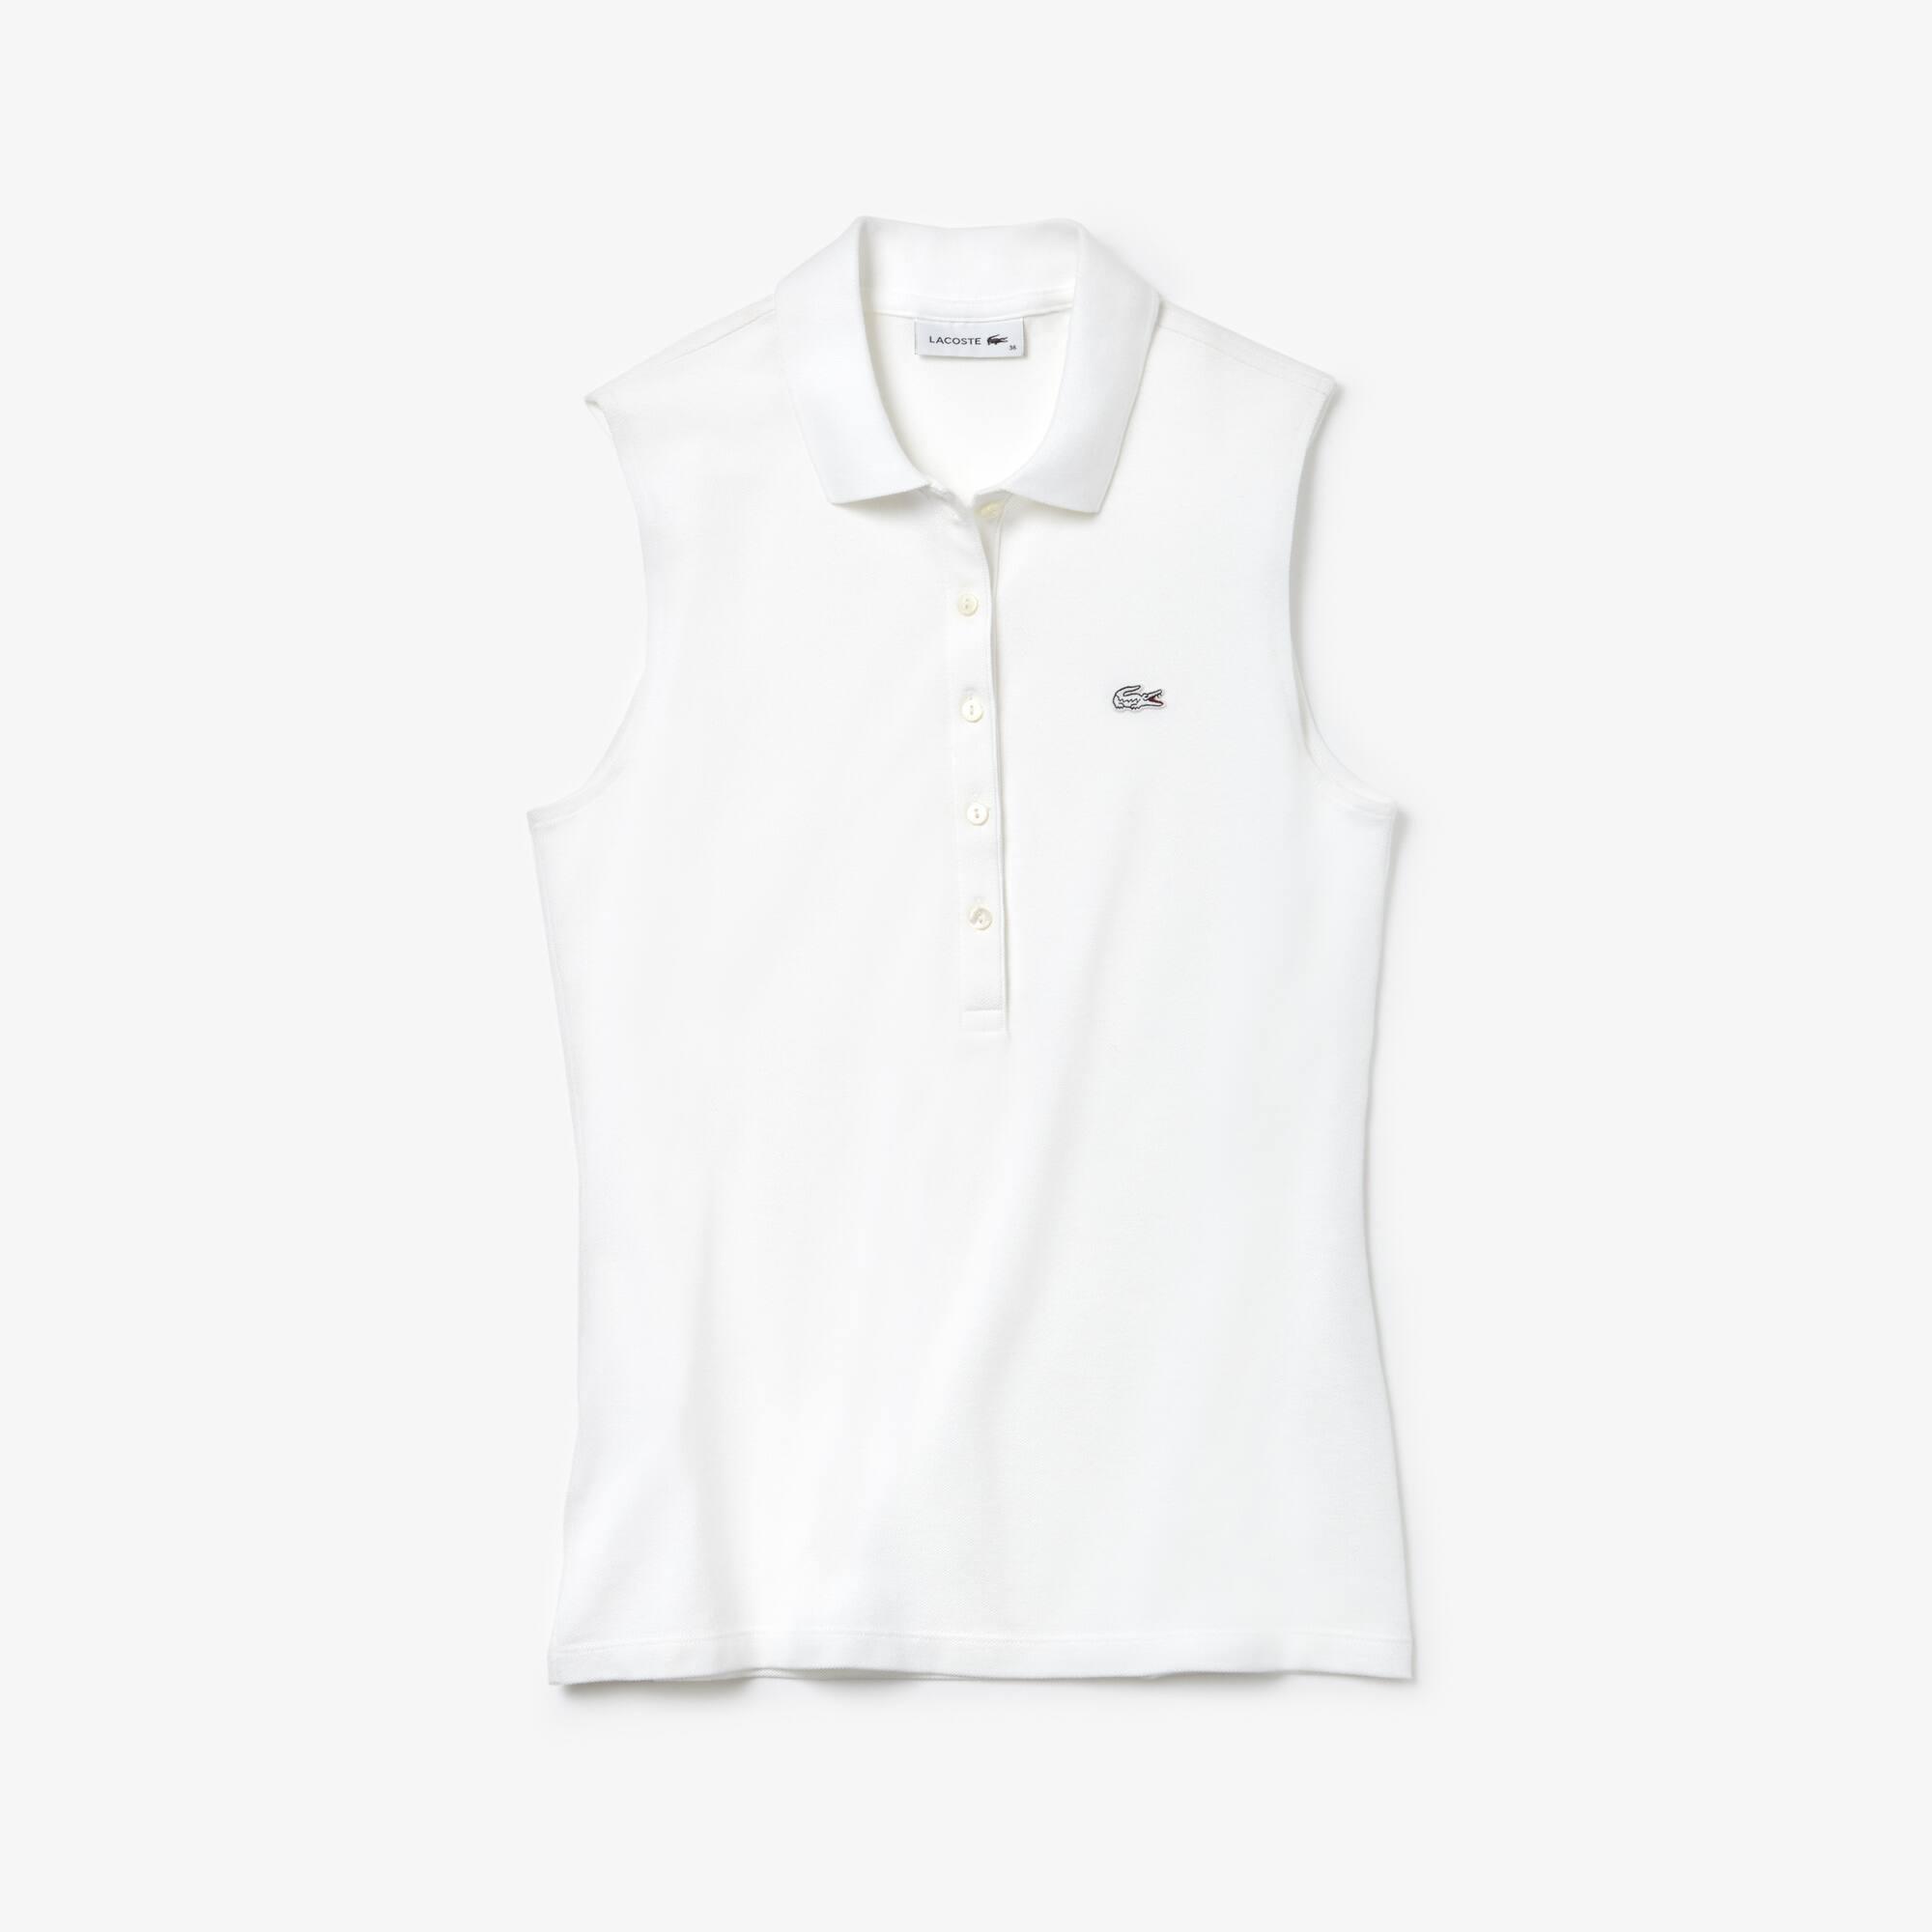 Polo senza maniche slim fit Lacoste in mini piqué stretch tinta unita